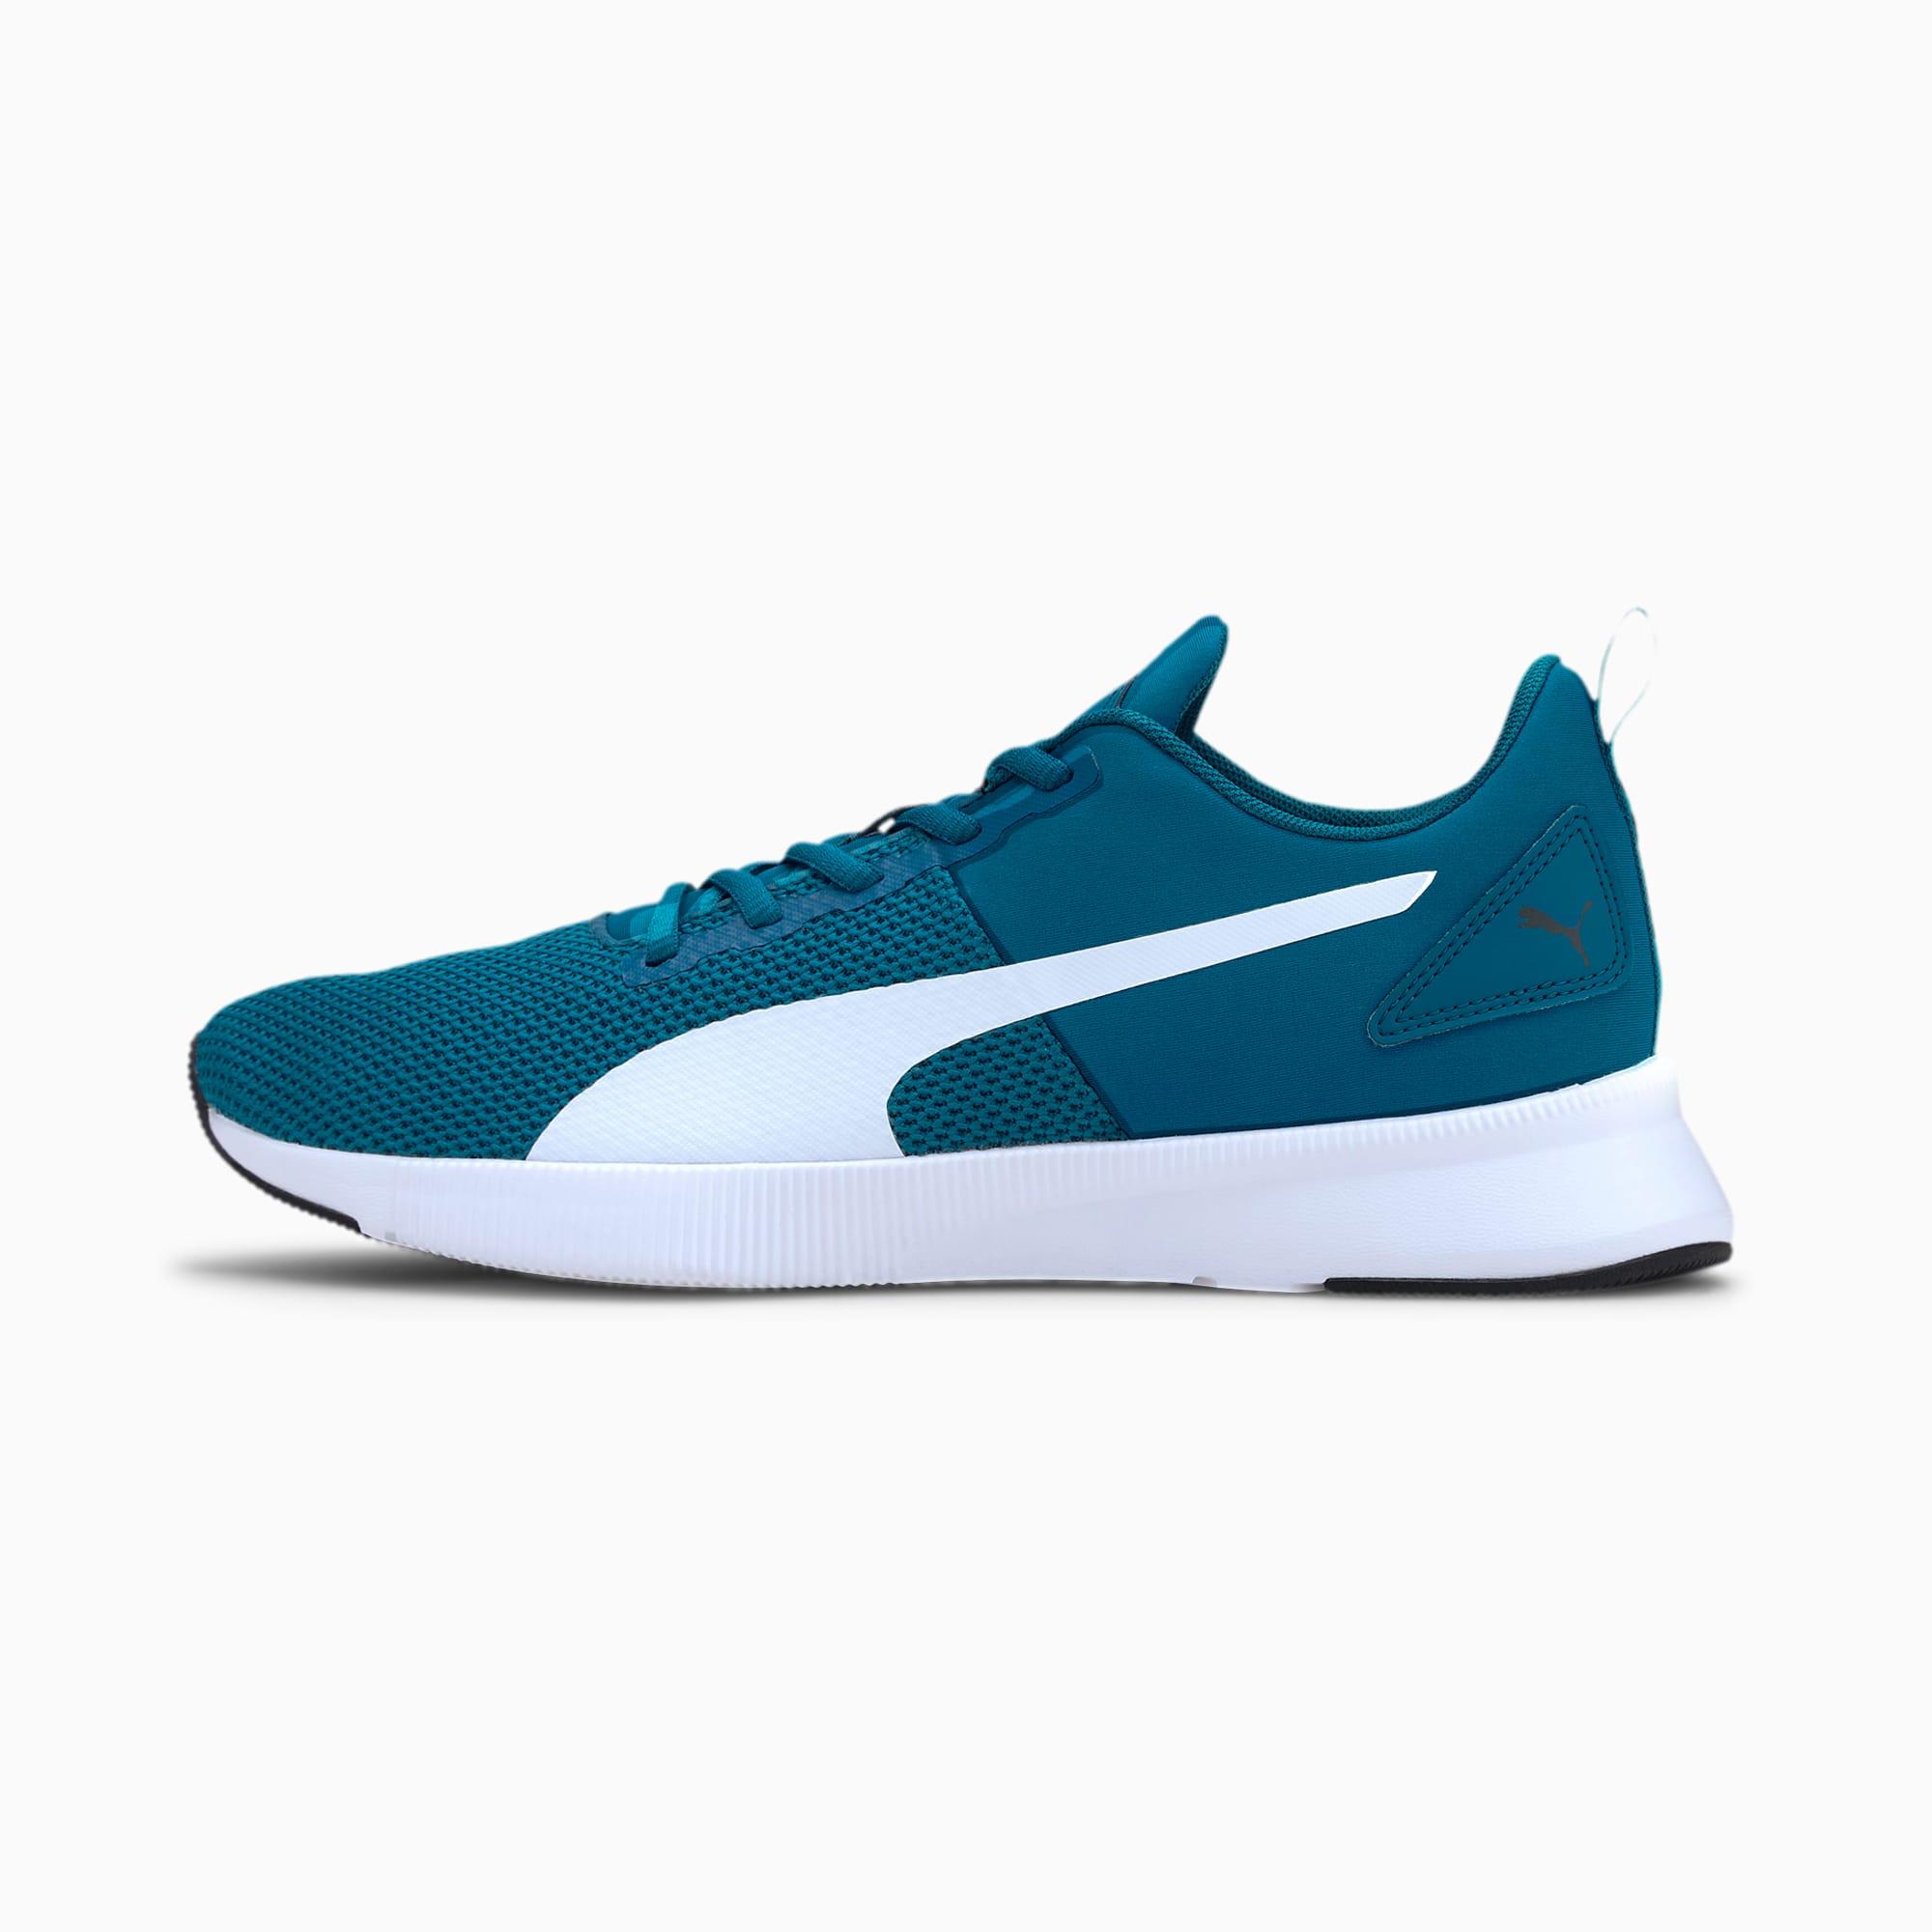 PUMA Chaussure de course Flyer Runner, Blanc/Bleu, Taille 38.5, Chaussures